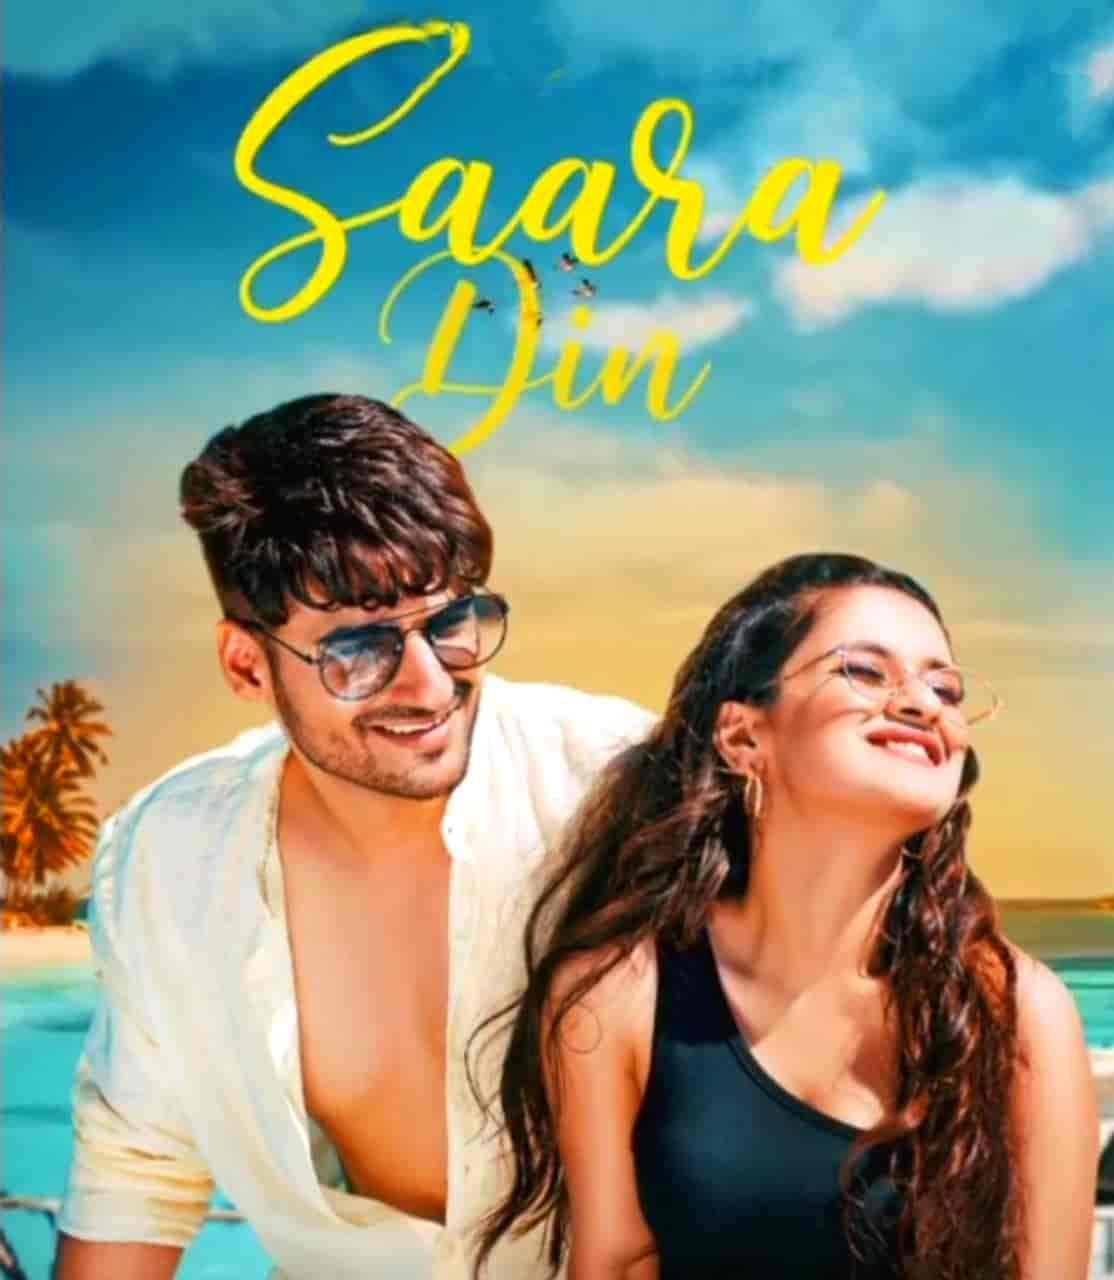 Saara Din Song Image By Karan Singh Arora